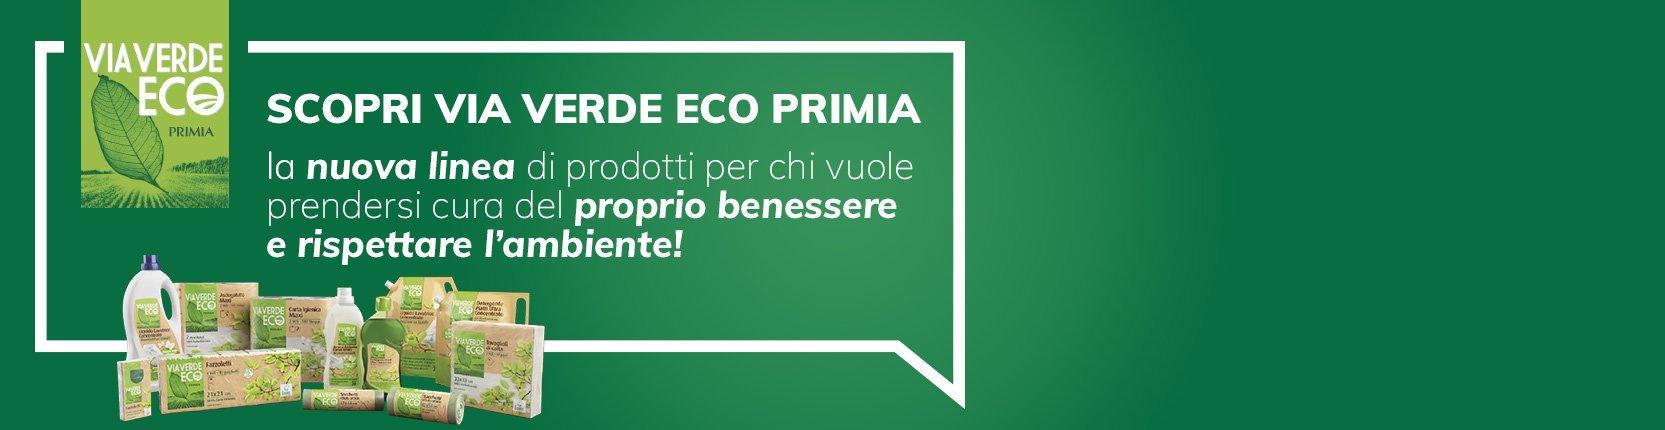 Via Verde Eco